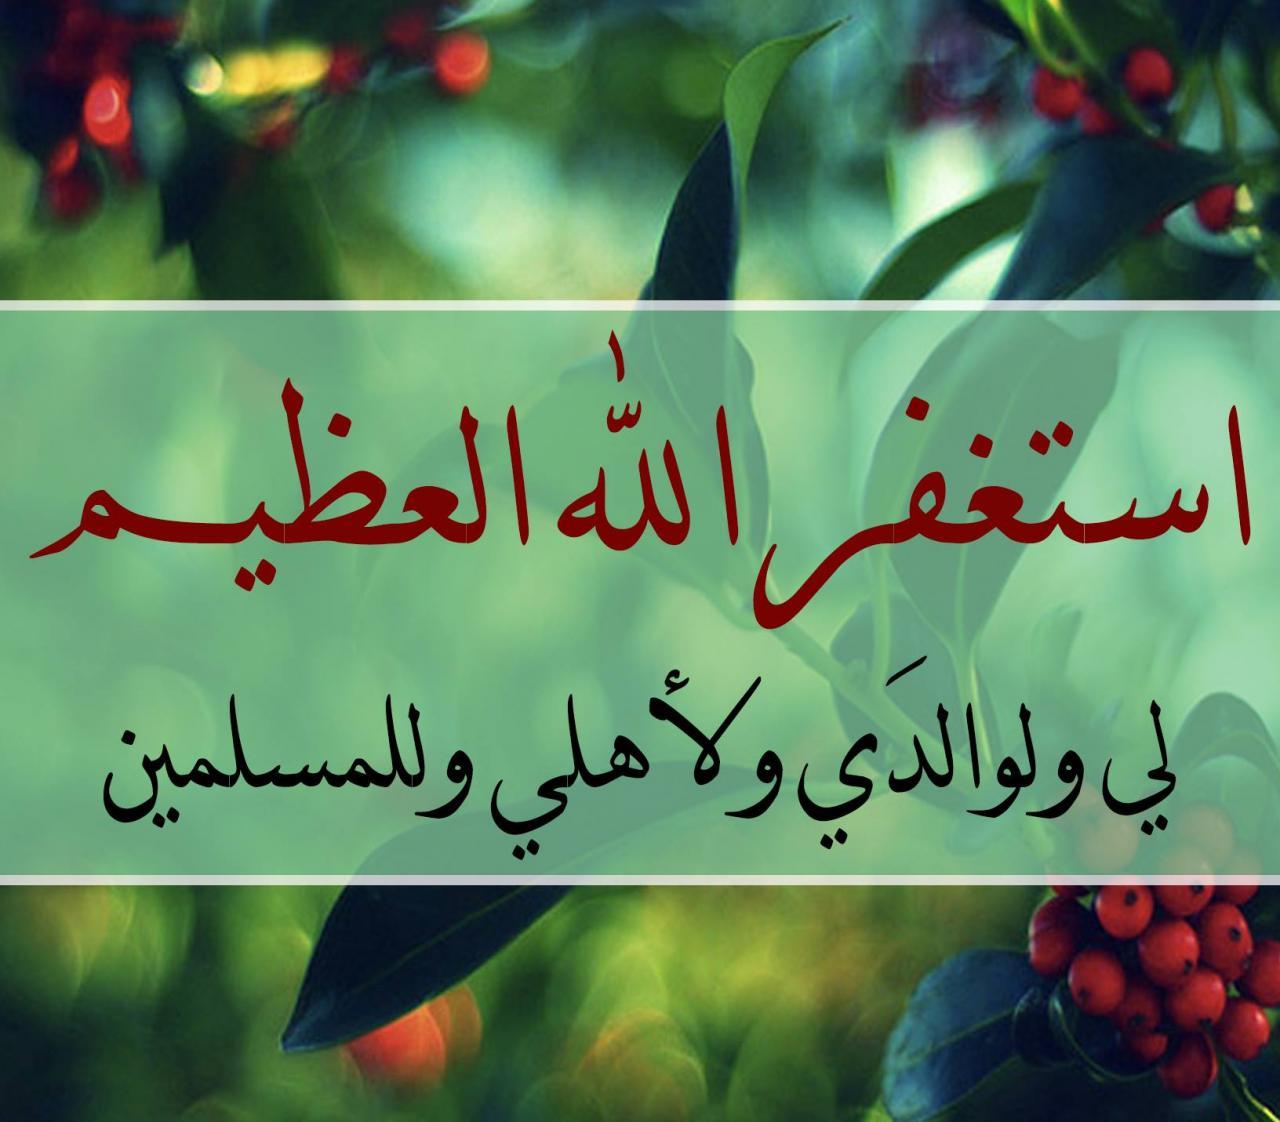 صورة صور خلفيات دينيه , صور اسلاميه جميله